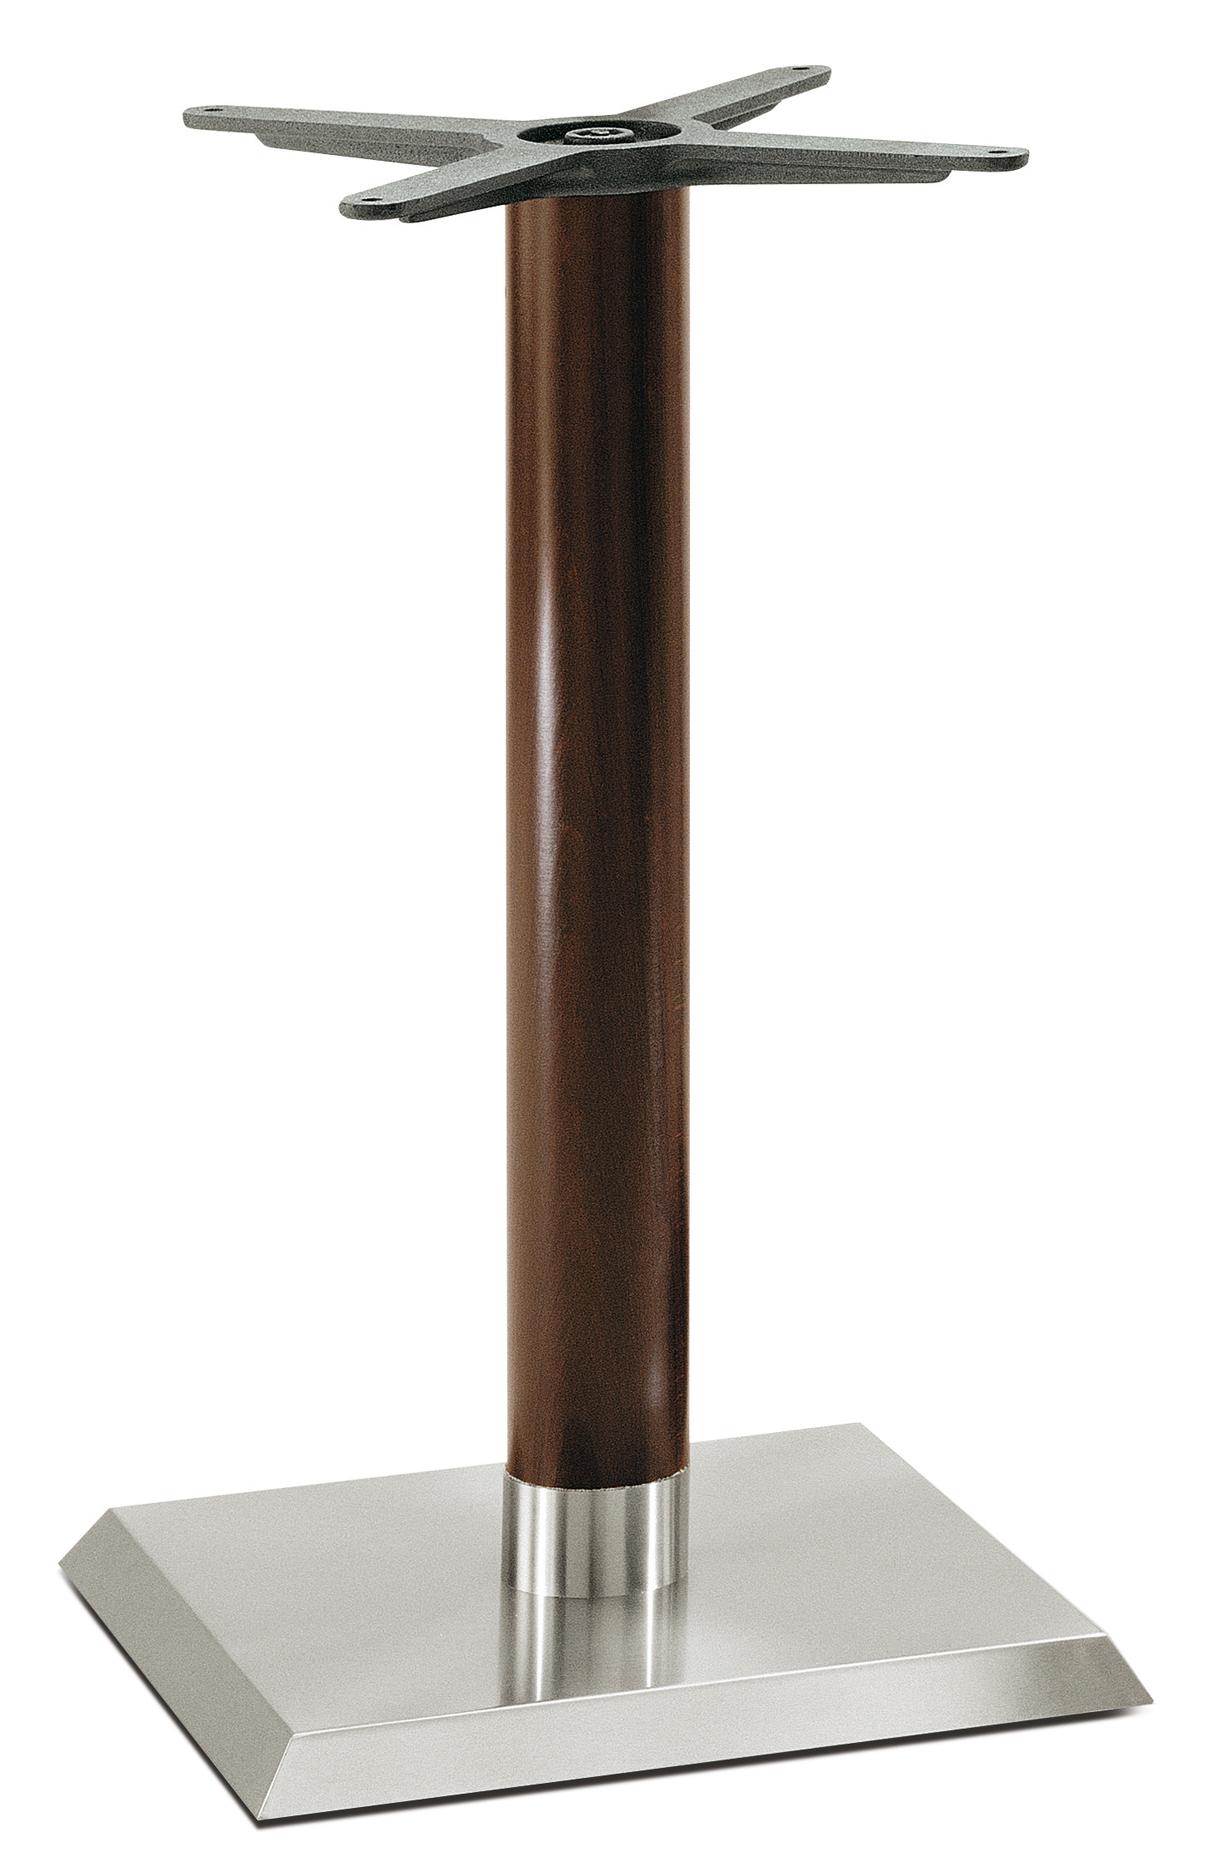 Podstawa do stołu Pedrali Linea kolumna drewniana